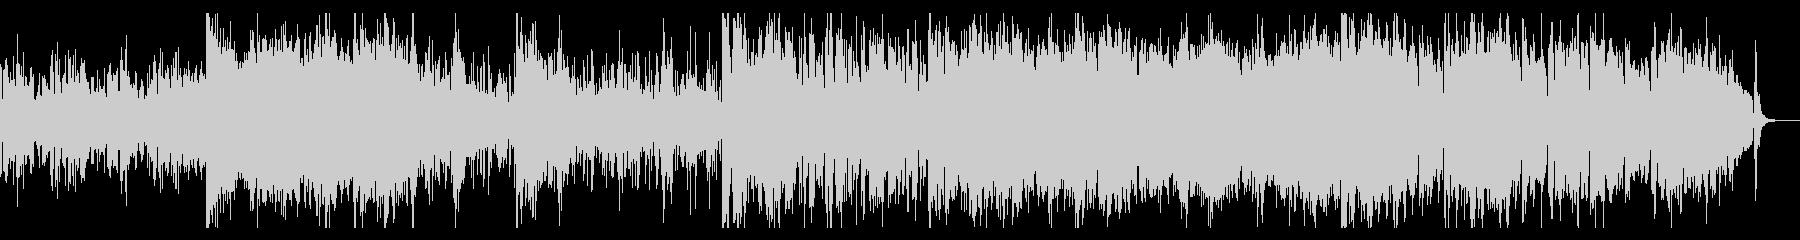 SF感のあるグリッジの効いたシネマBGMの未再生の波形